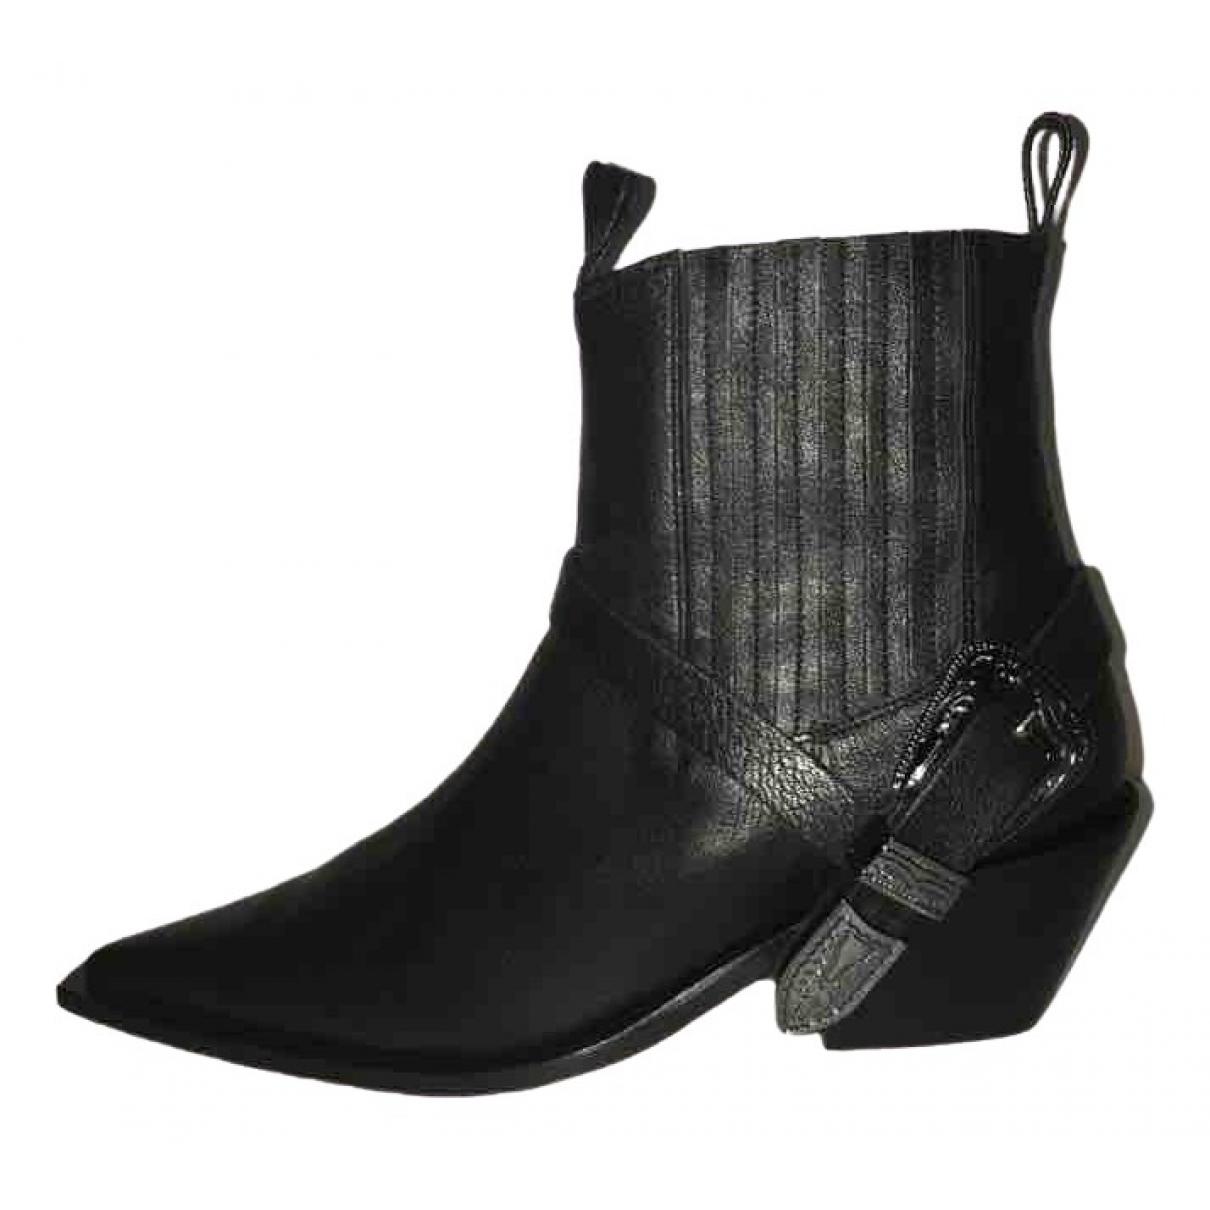 Anine Bing - Bottes   pour femme en cuir - noir